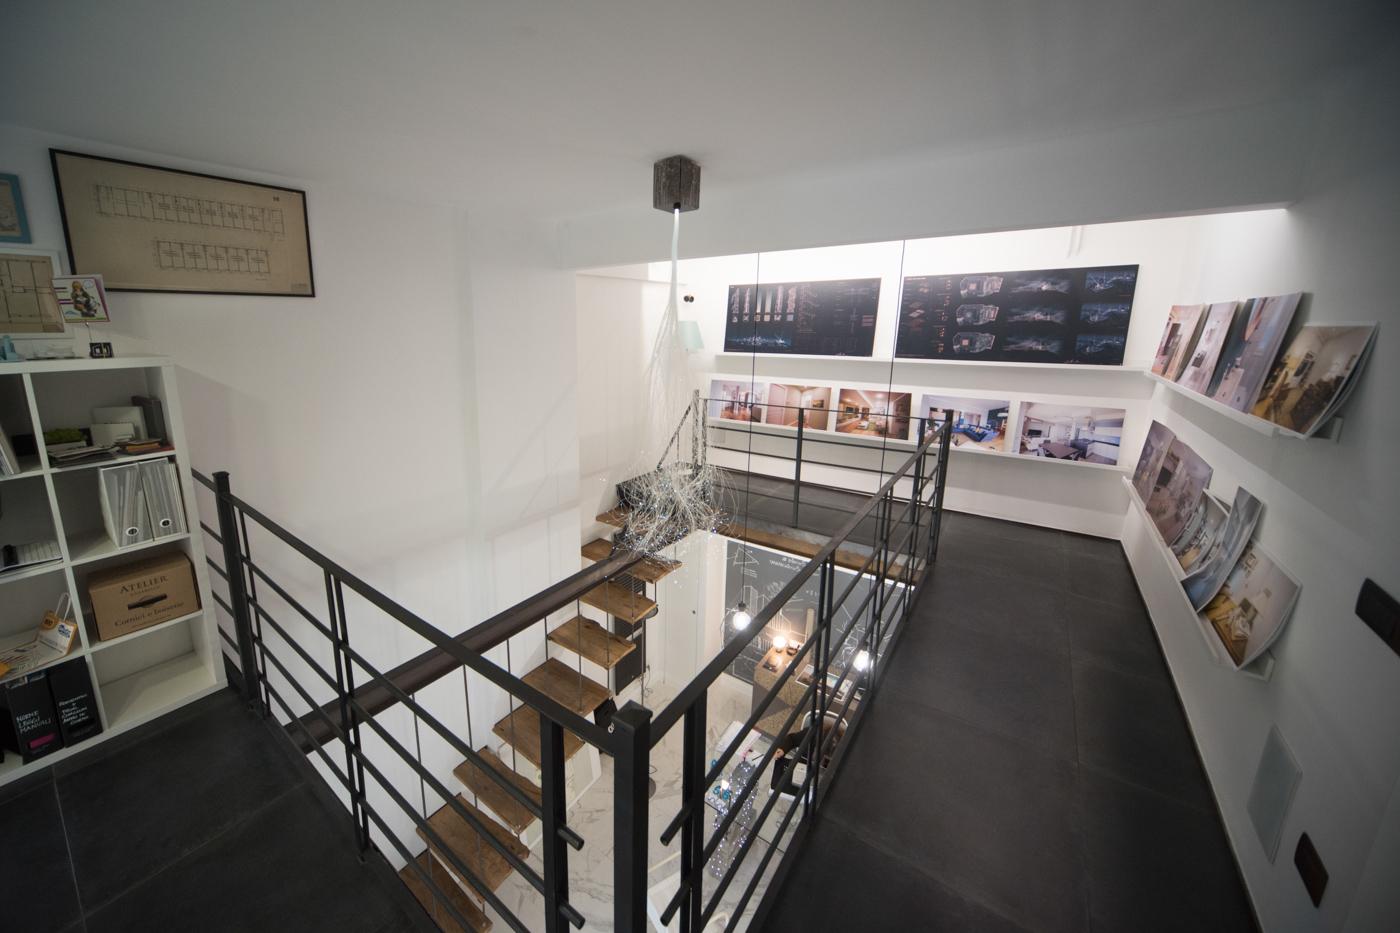 valentina solera, architetto, interior, ristrutturazione, genova, liguria, italy, interior5-16.jpg